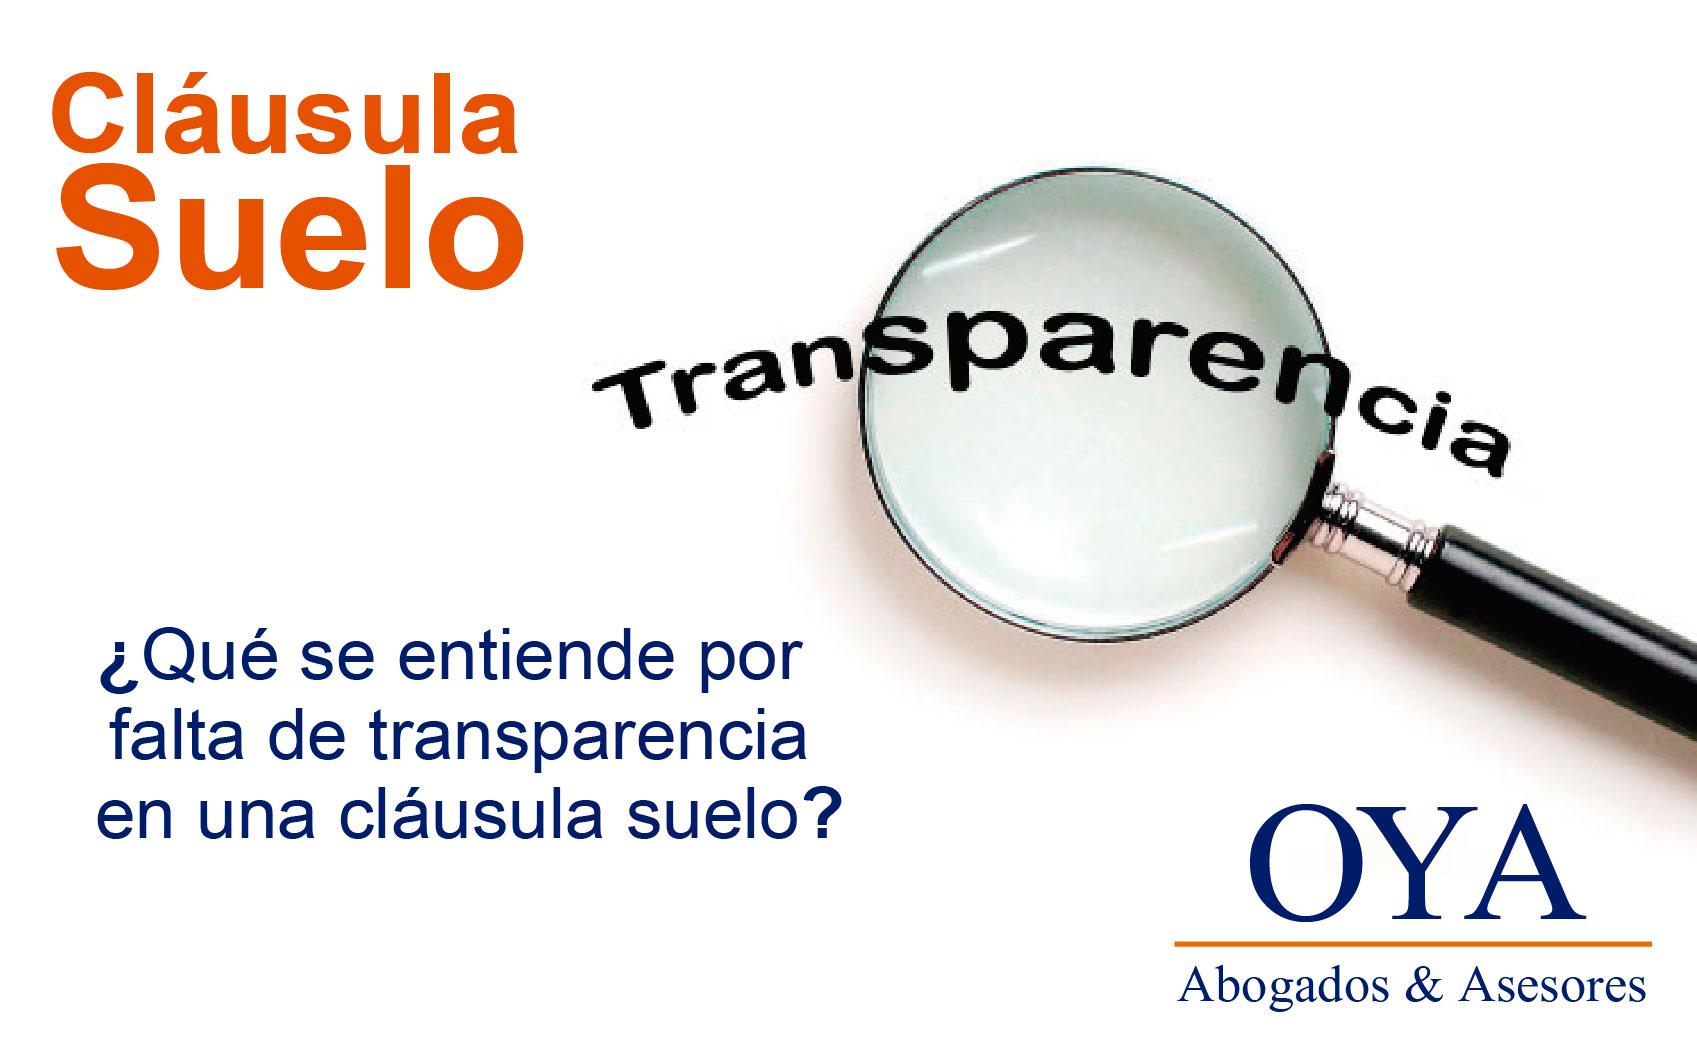 Falta-de-transparencia-en-una-cláusula-suelo-Oya-Abogados-&-Asesores-Granada-04